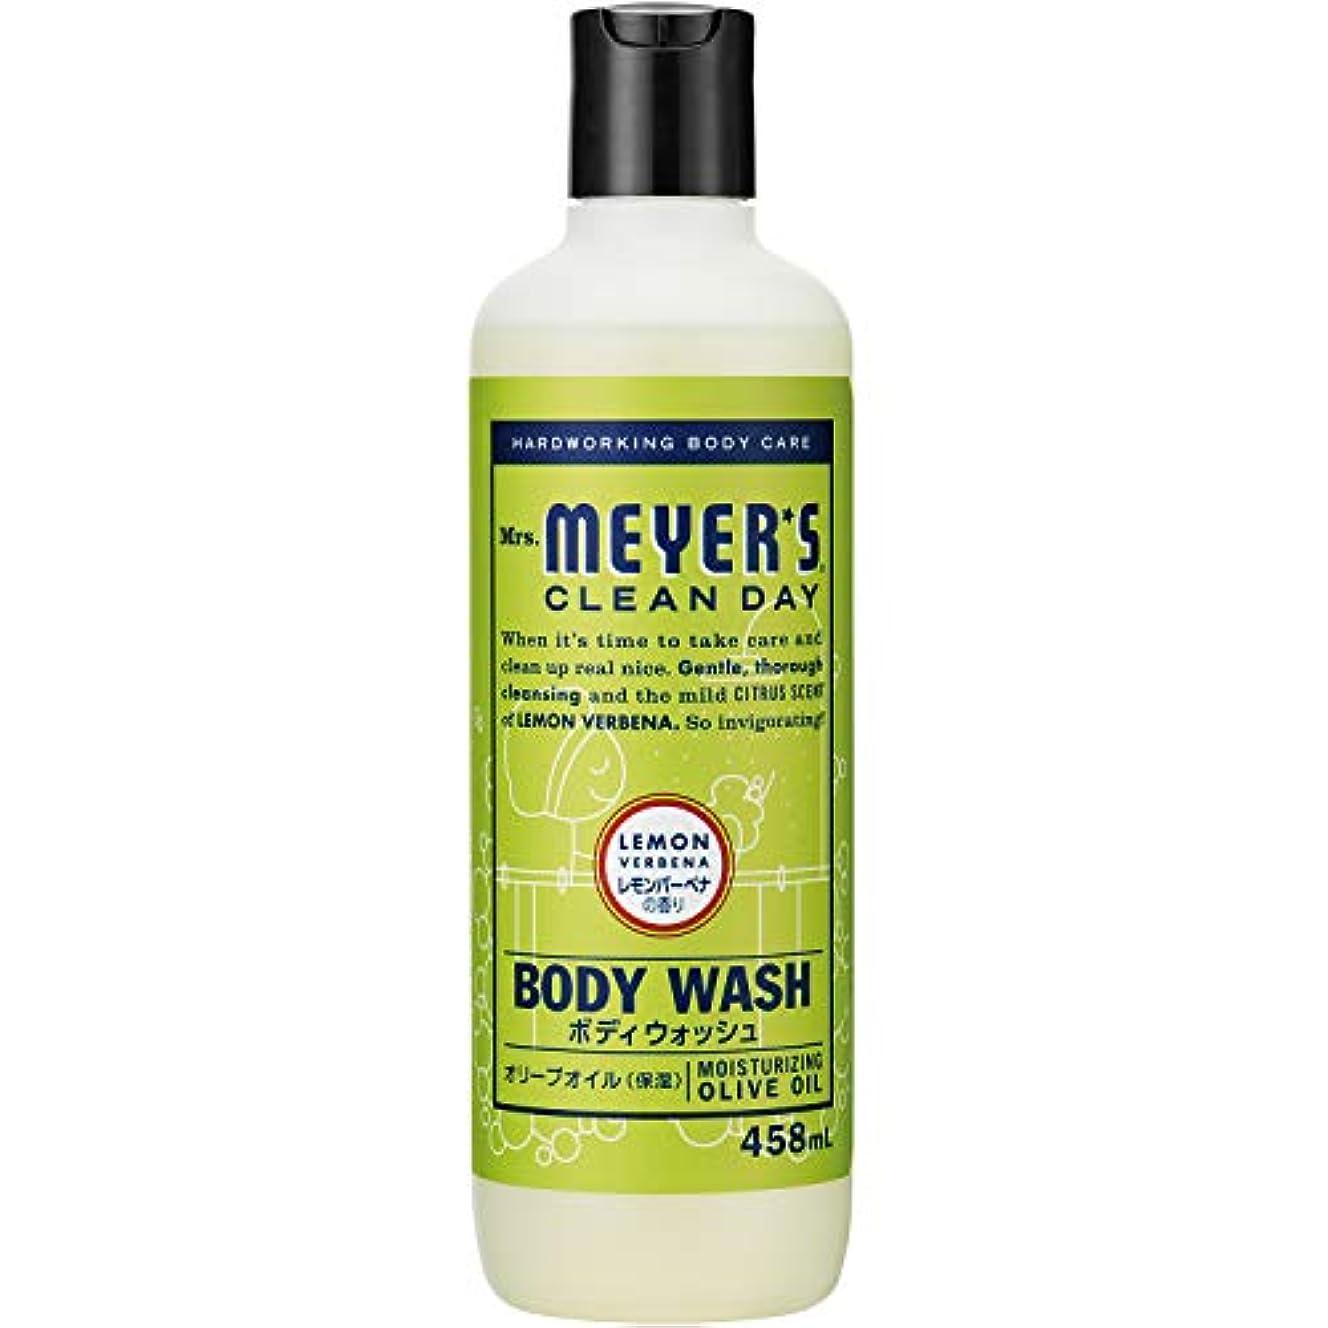 ダイヤル怒り一瞬ミセスマイヤーズ クリーンデイ(Mrs.Meyers Clean Day) ボディウォッシュ レモンバーベナの香り 458ml